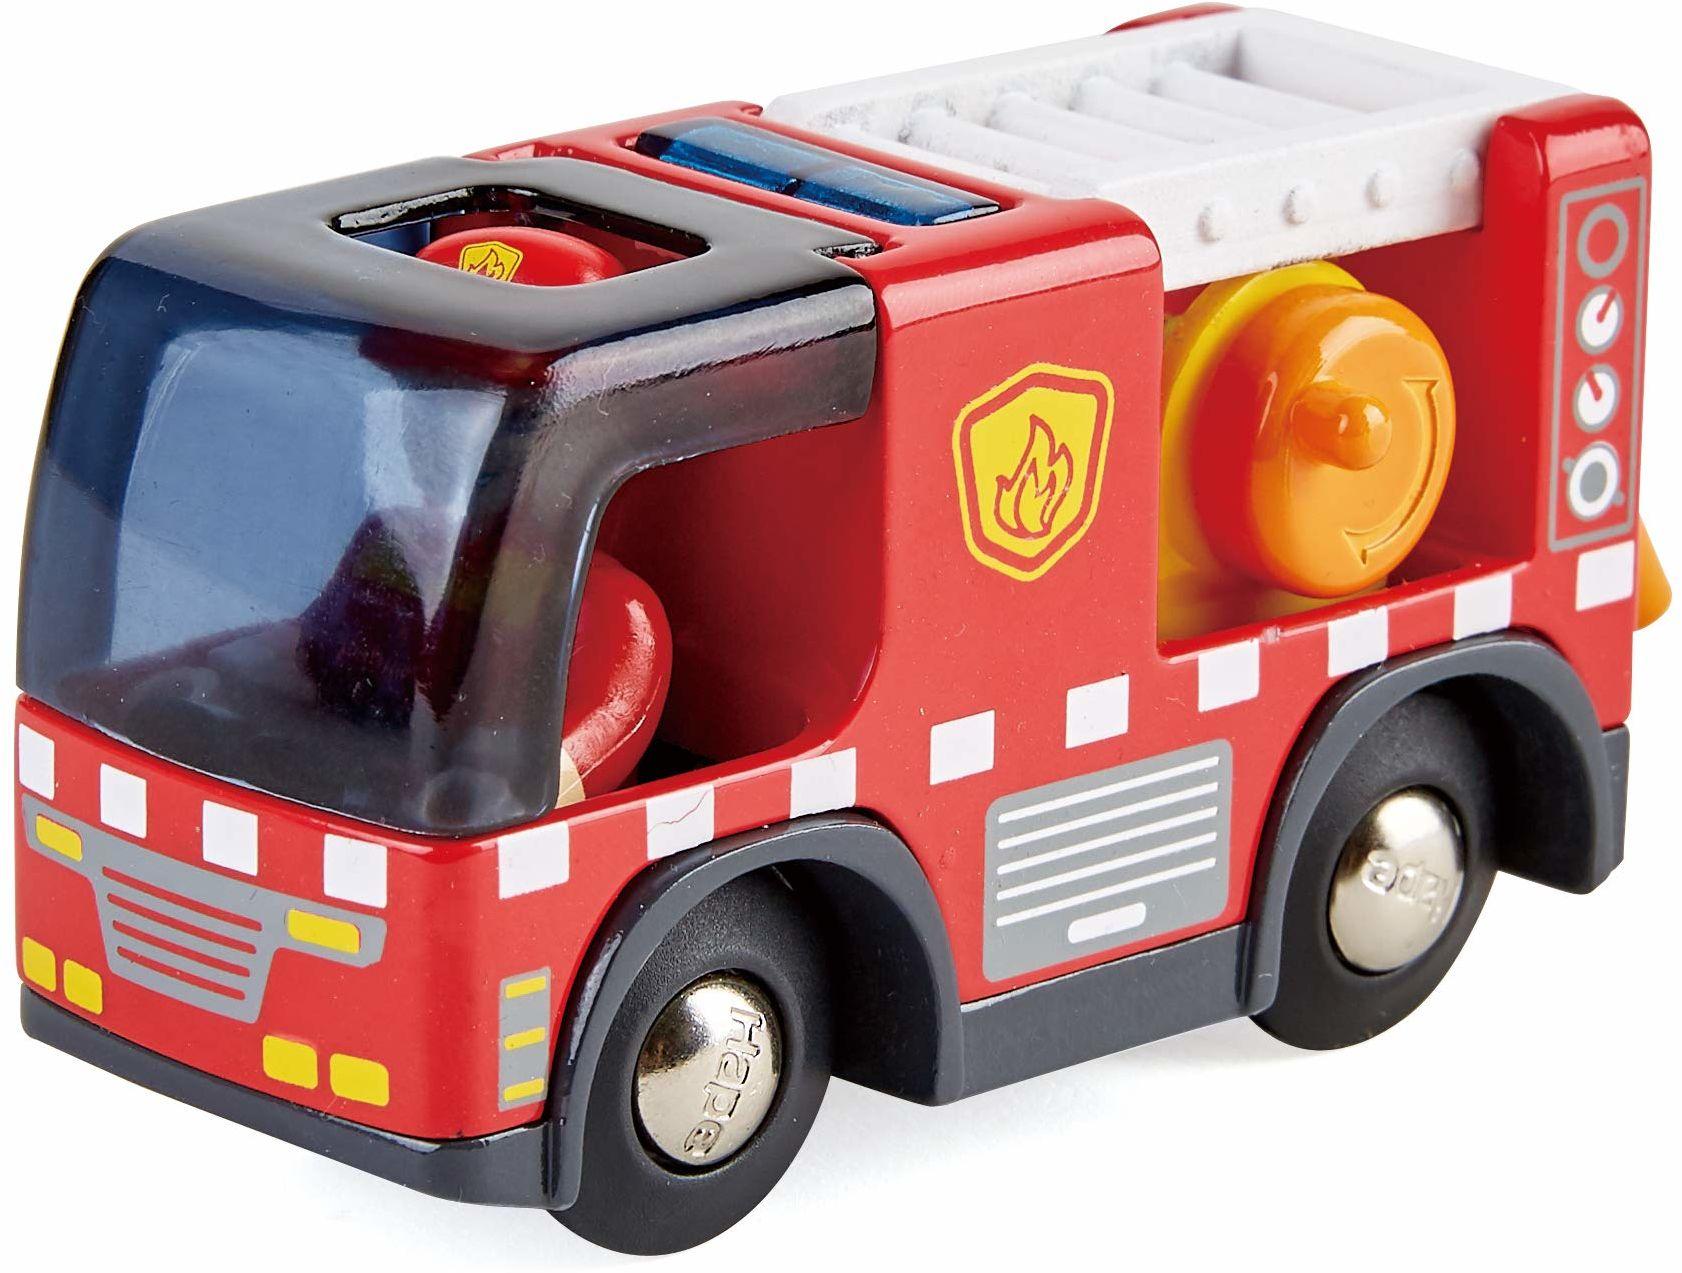 Hape E3737 E3737 samochód strażacki z syreną, figurką i pojazdem, kolejką, czerwony